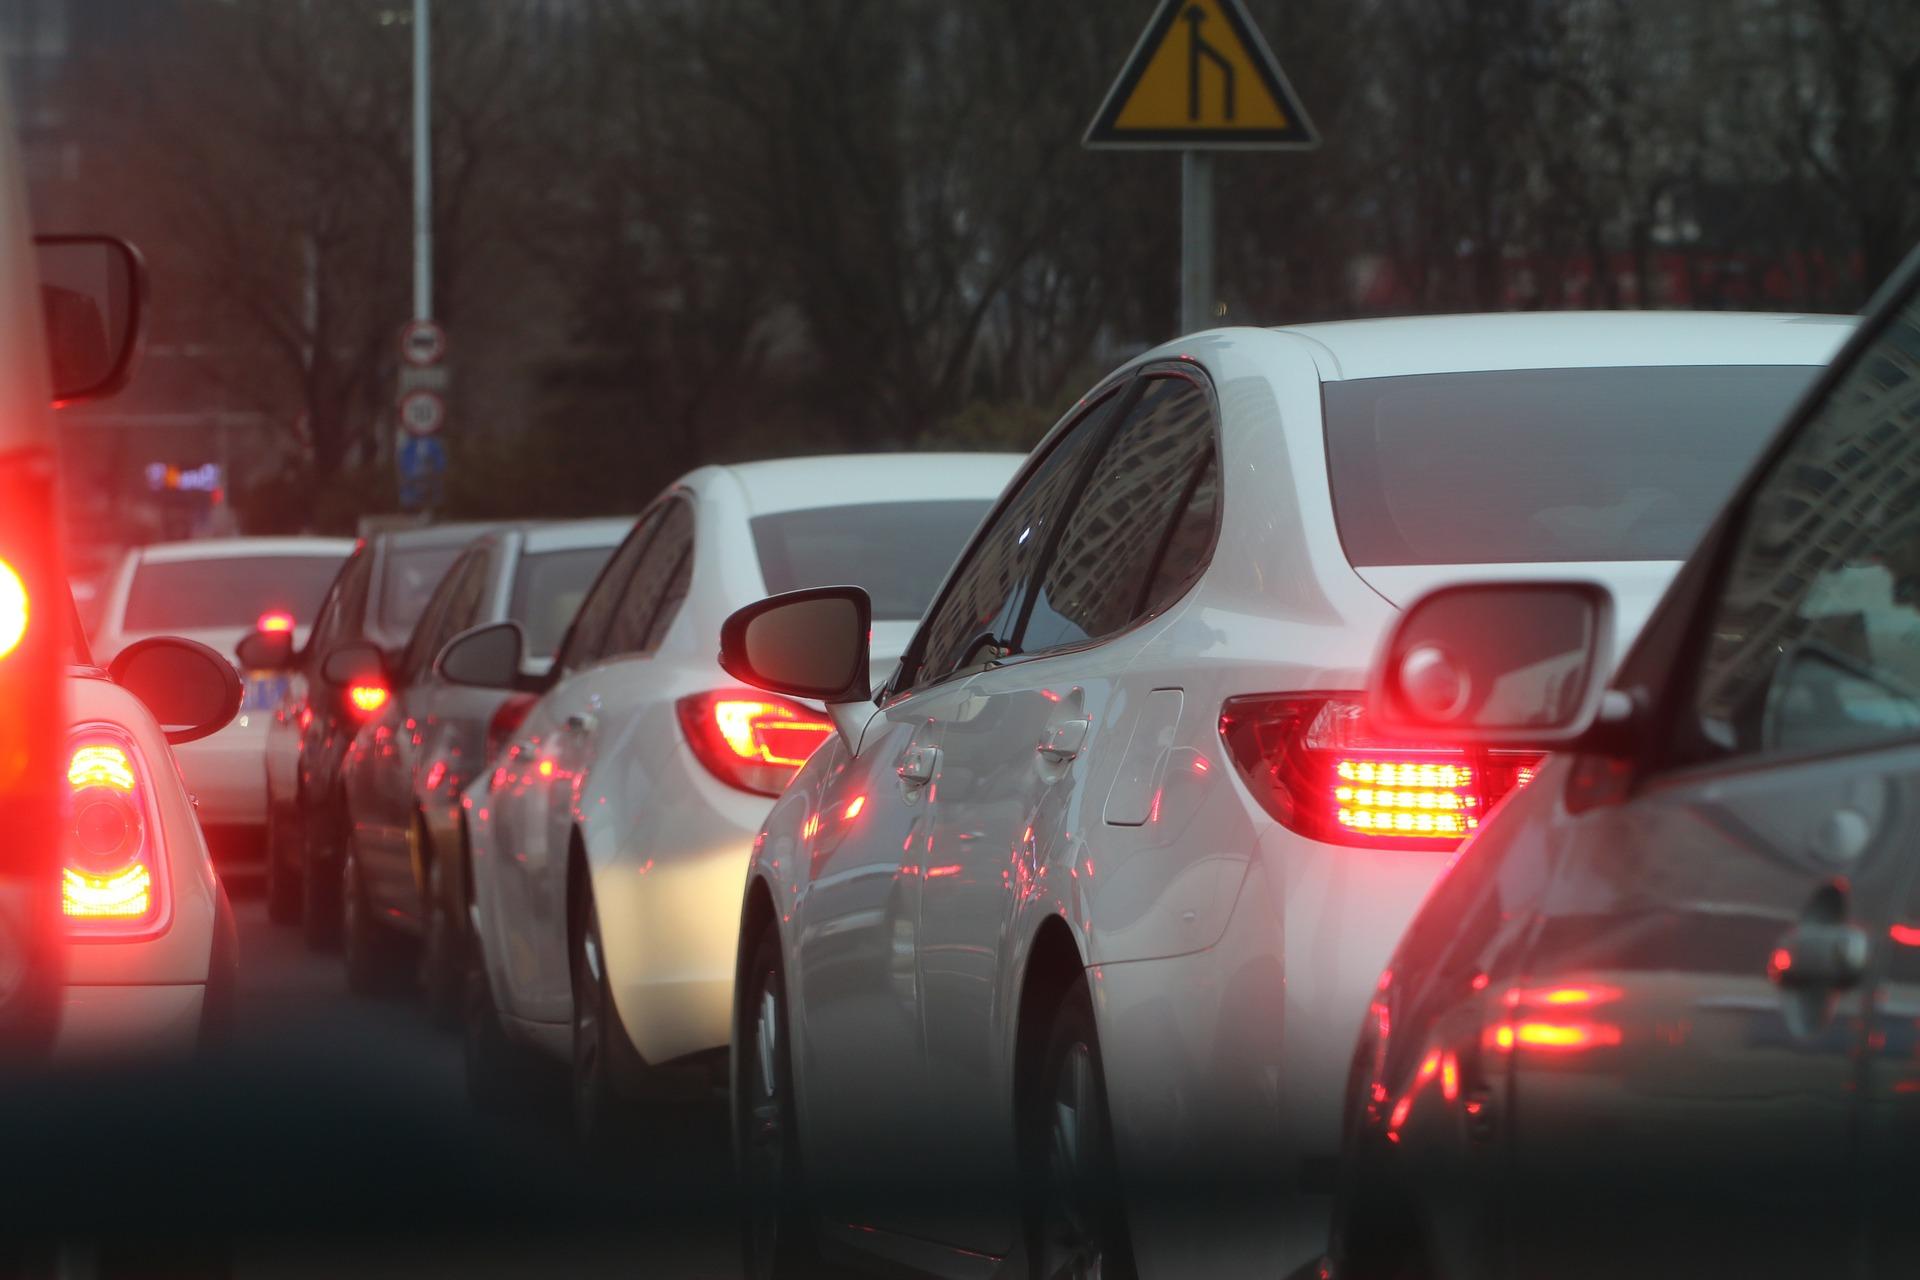 新型スペーシアの長距離ドライブは快適?長時間、高速道路を運転していても疲れない?